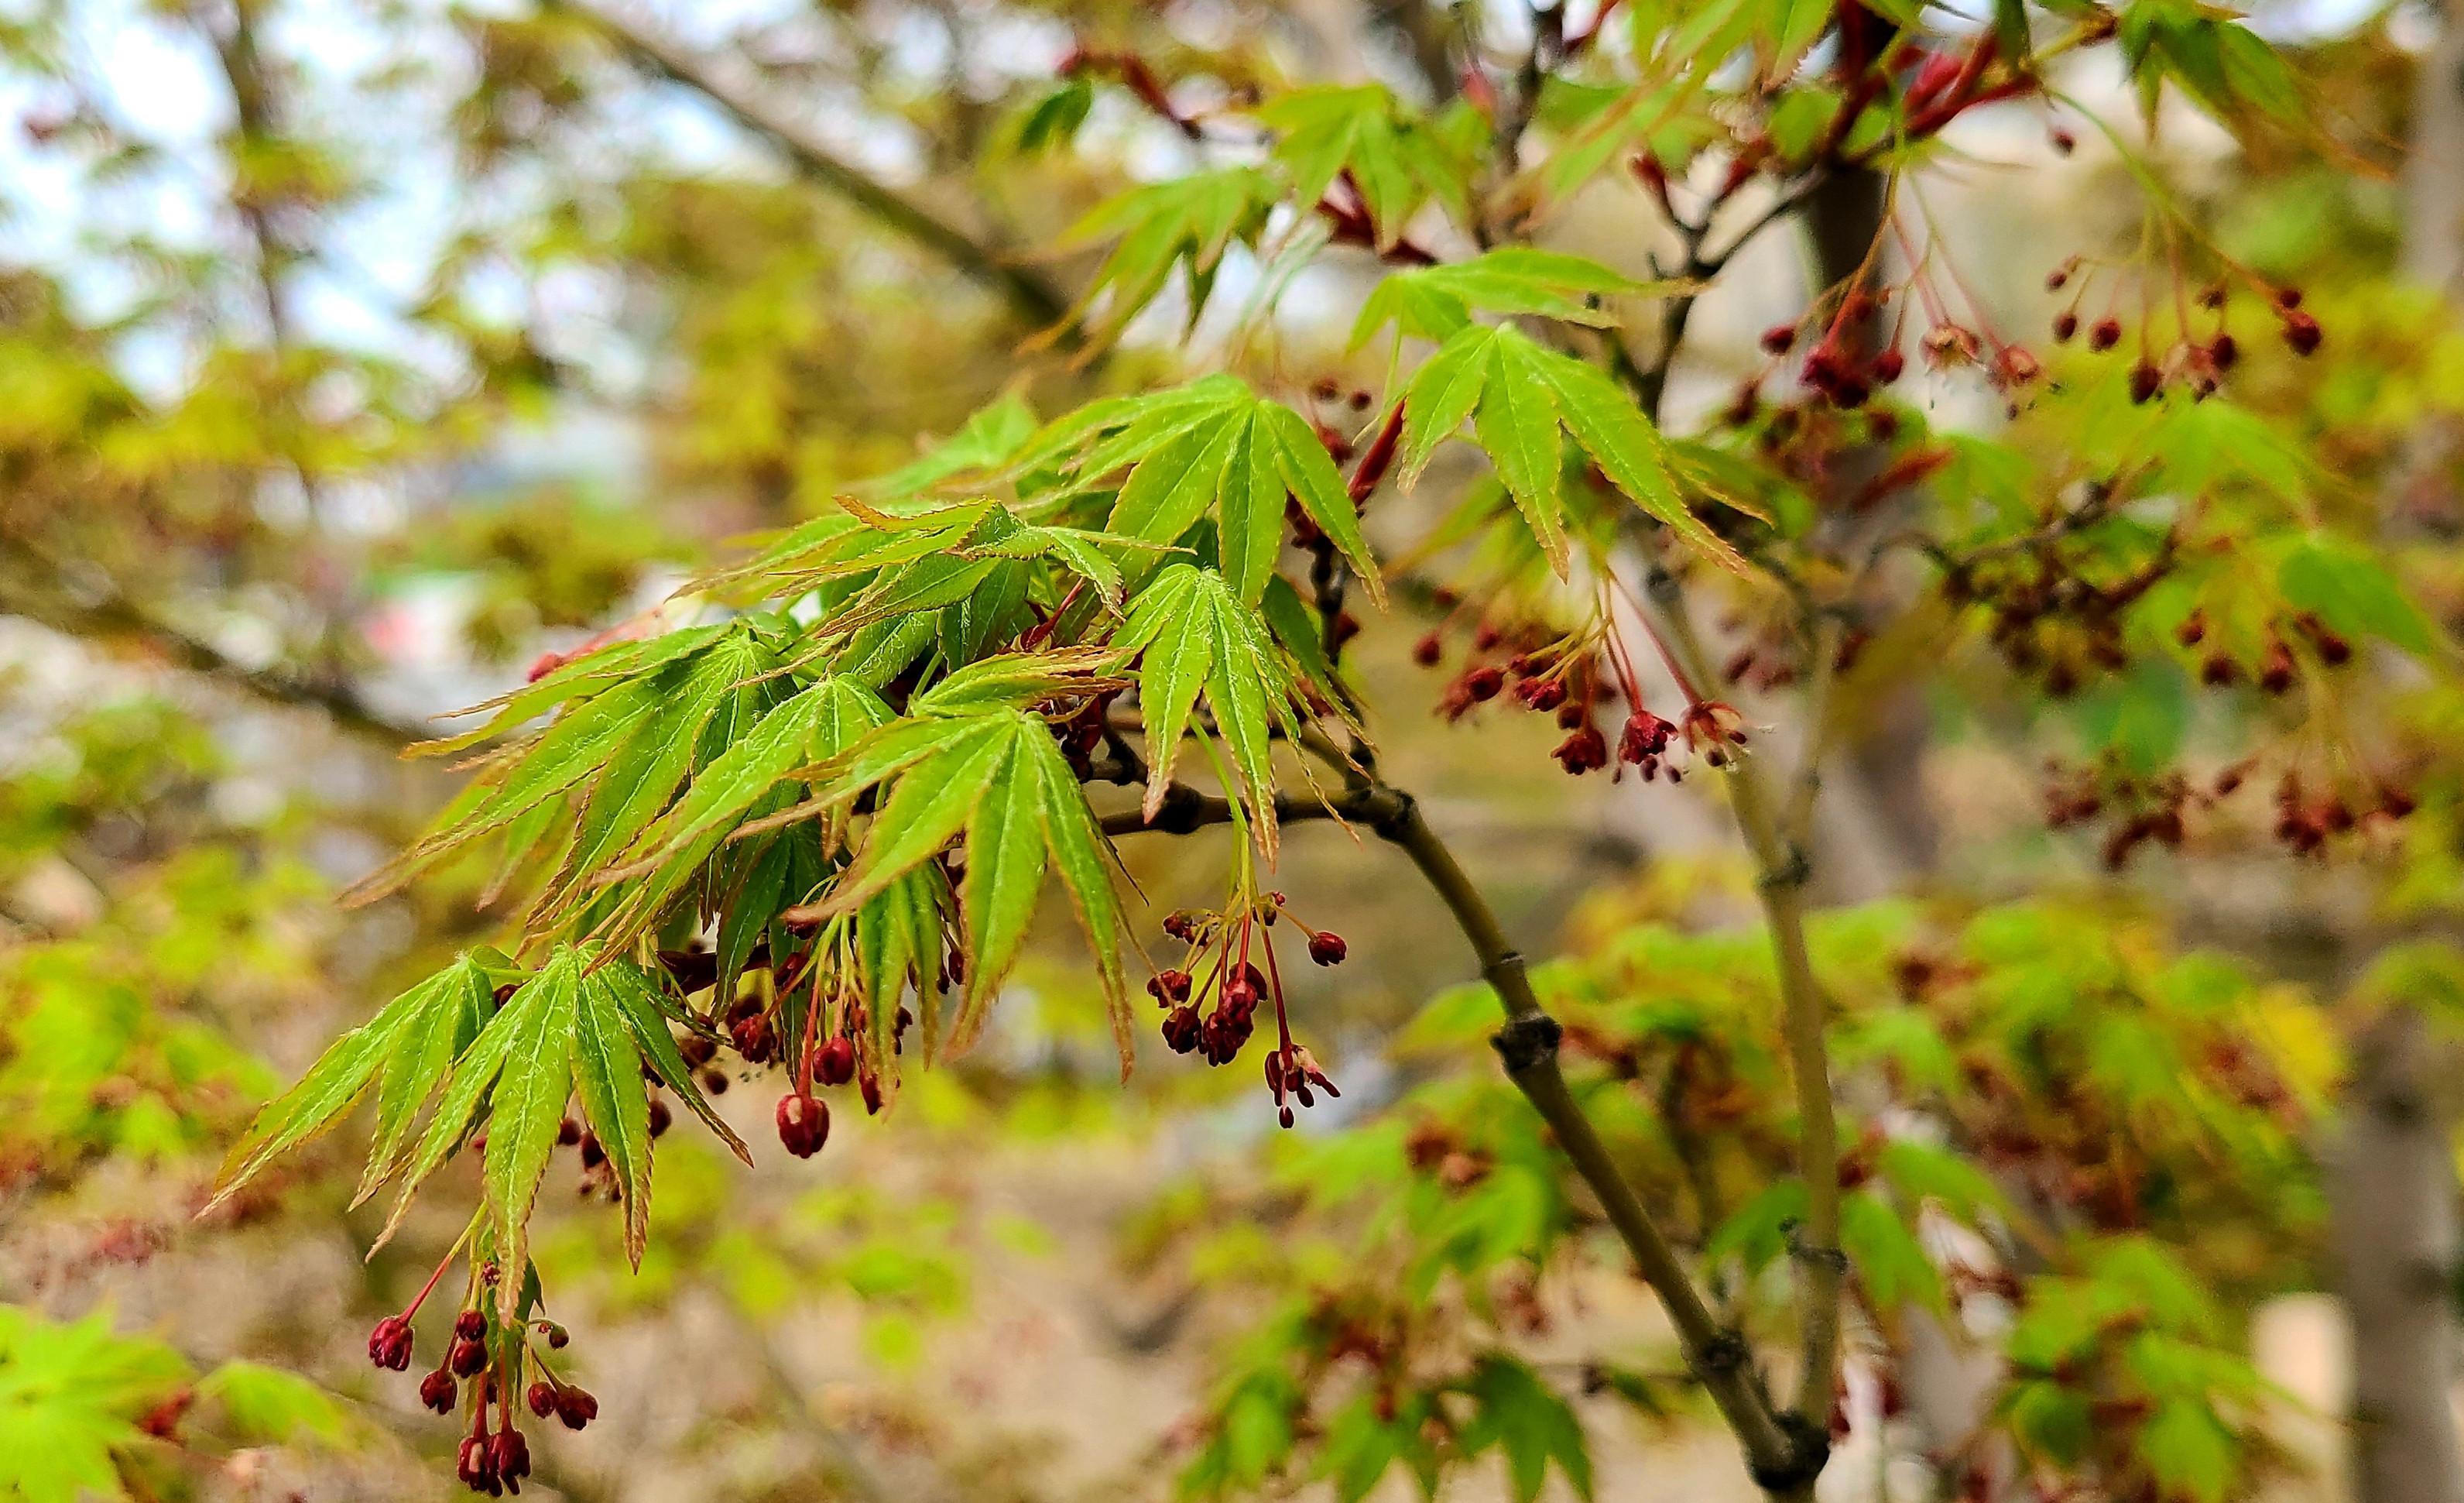 【春花烂漫】春的唤醒